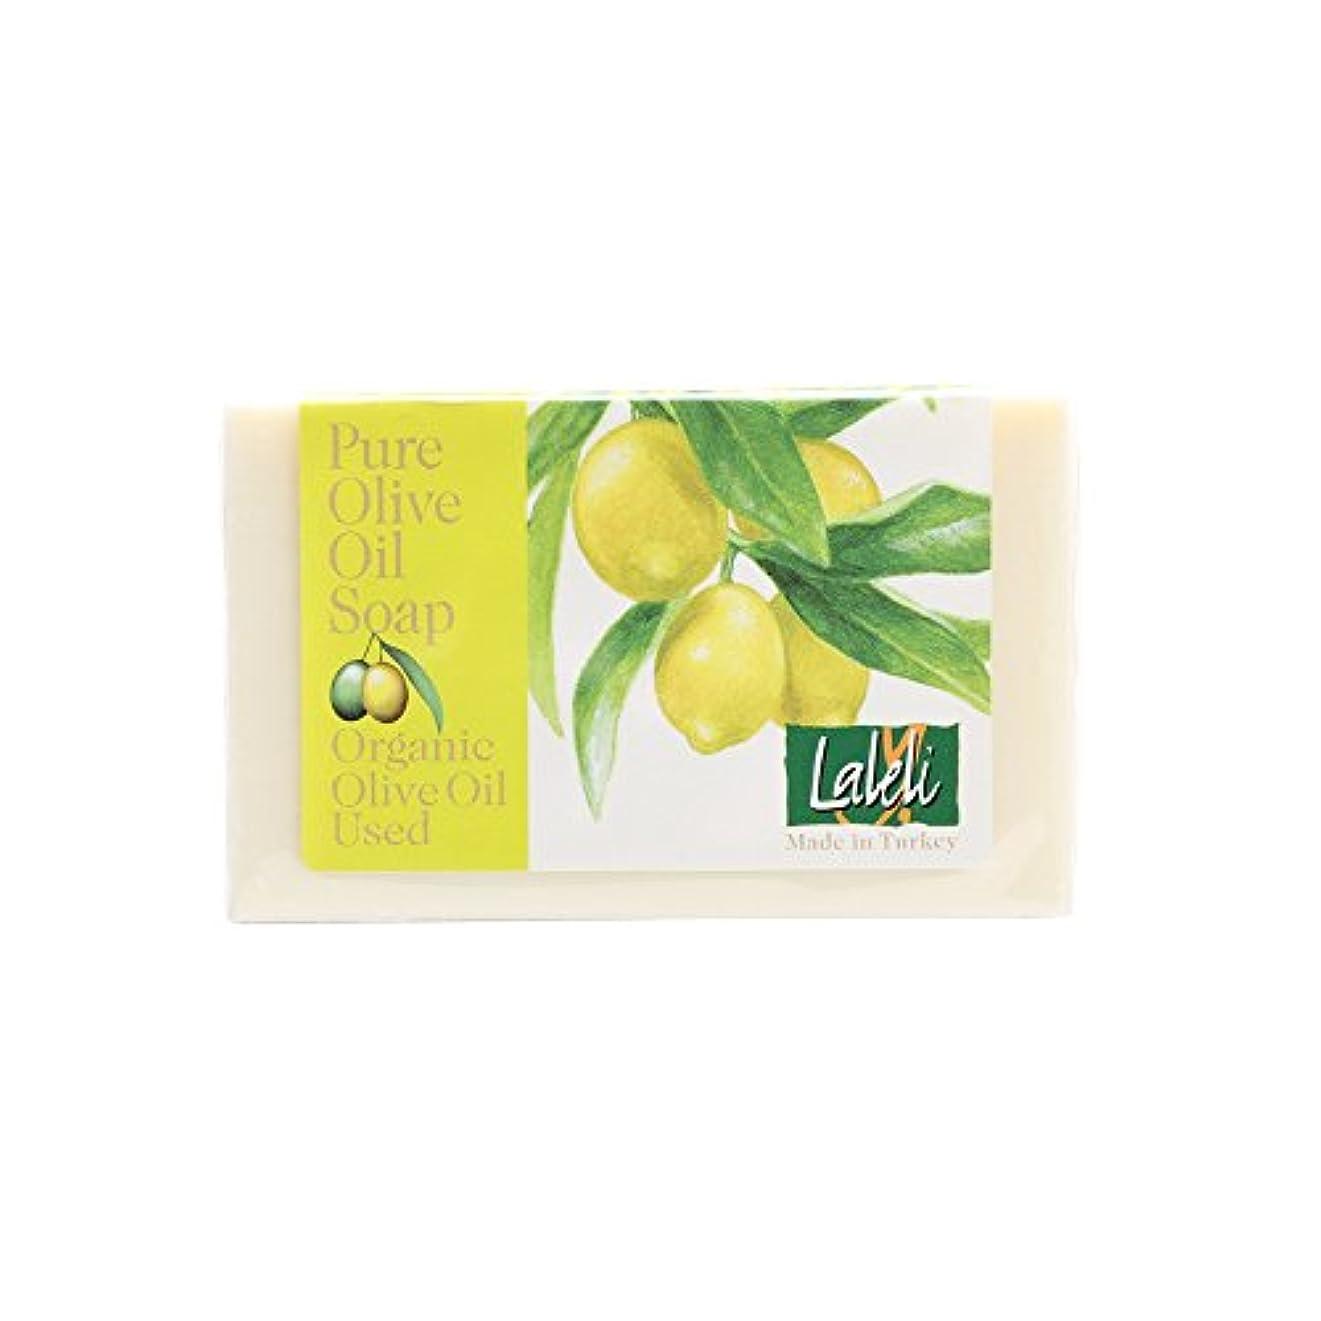 簿記係ビジネスフェードラーレリ オーガニックオリーブオイルソープ レモン 120g